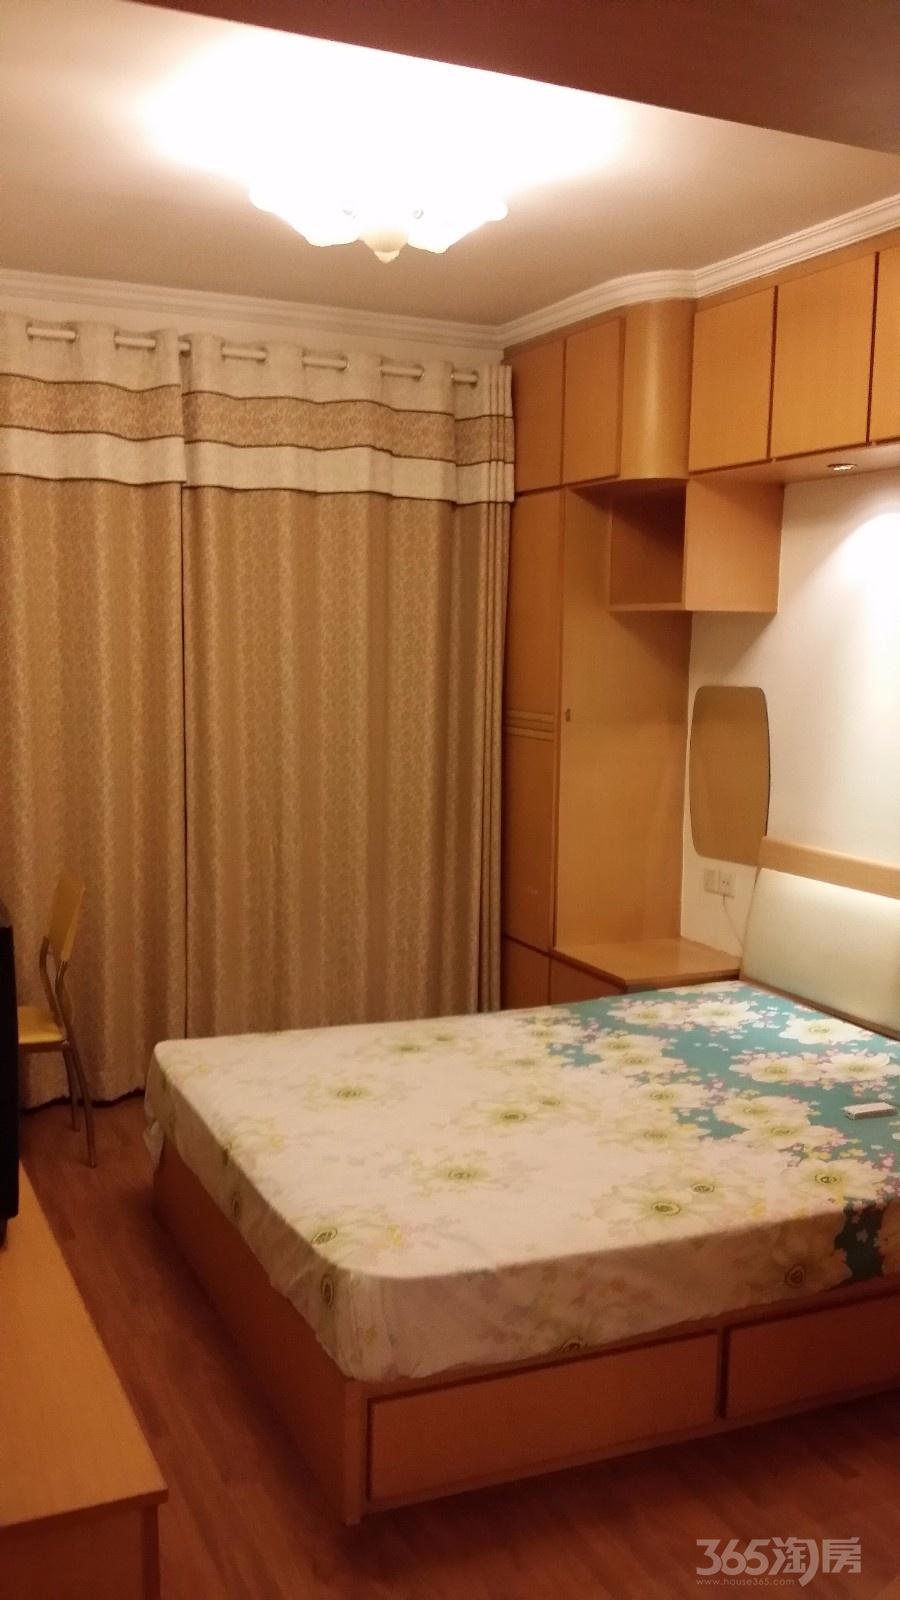 秦淮区瑞金路中山东路520号2室1厅户型图